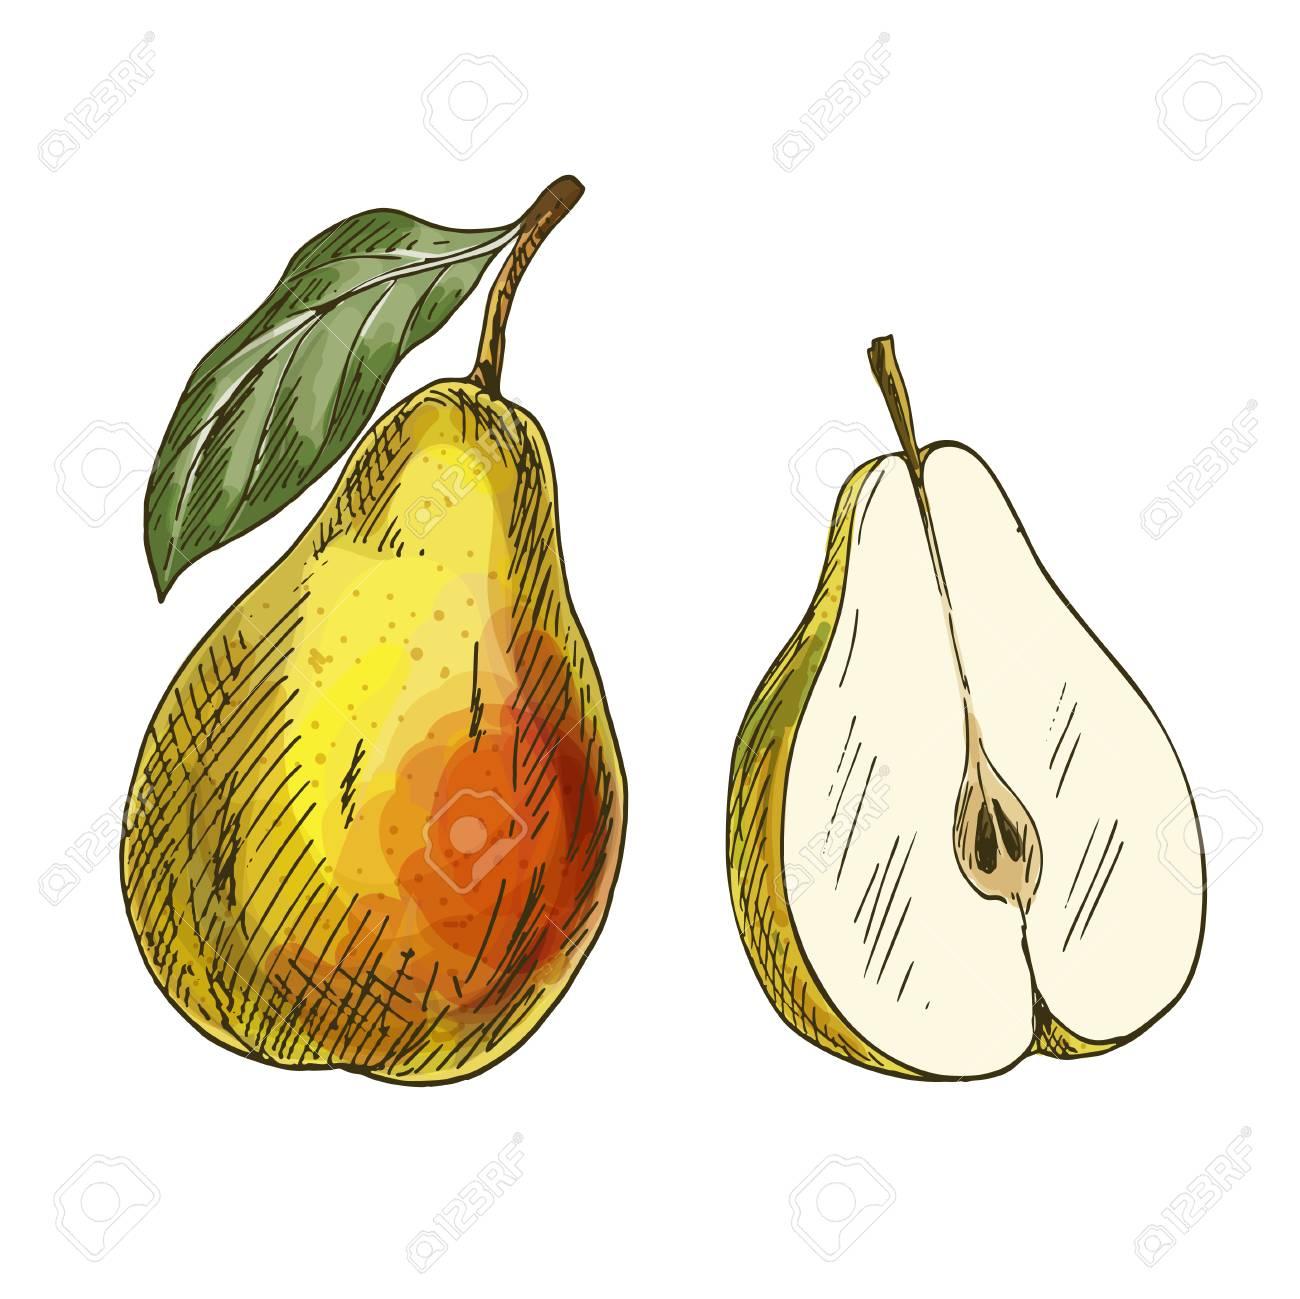 Fantastisch Malvorlagen Für Tropische Früchte Fotos - Beispiel ...